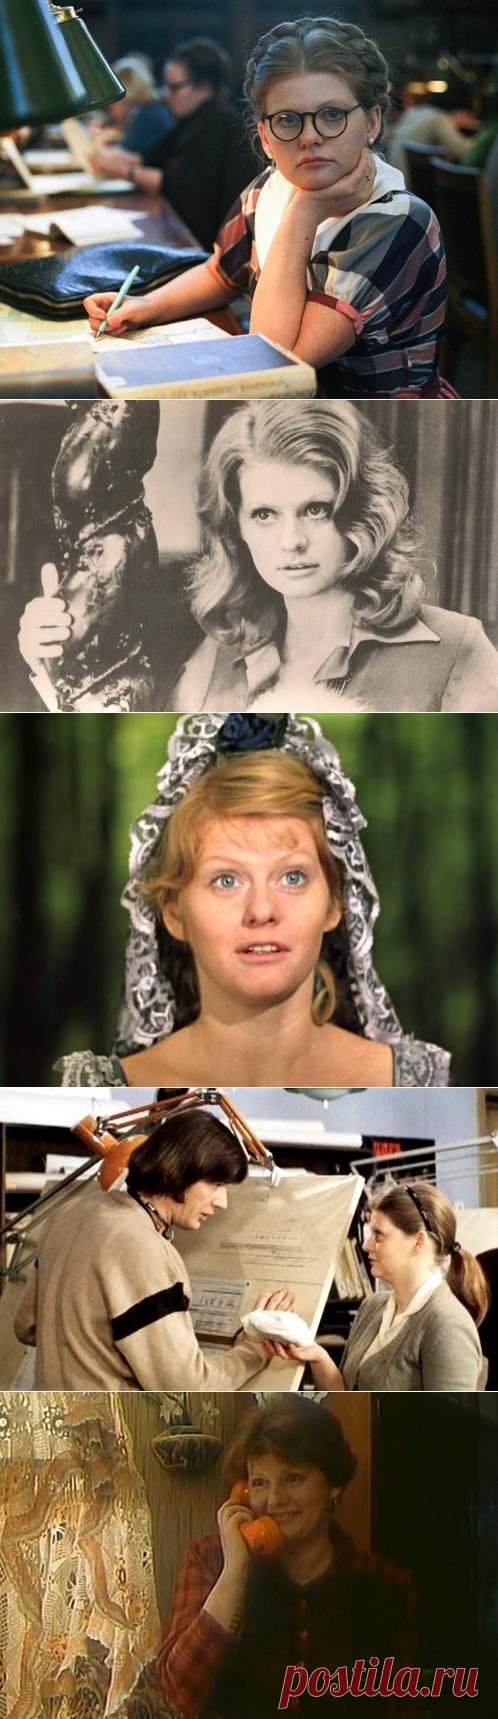 Ирина Муравьева: обаятельная и привлекательная. В День рождения Актрисы